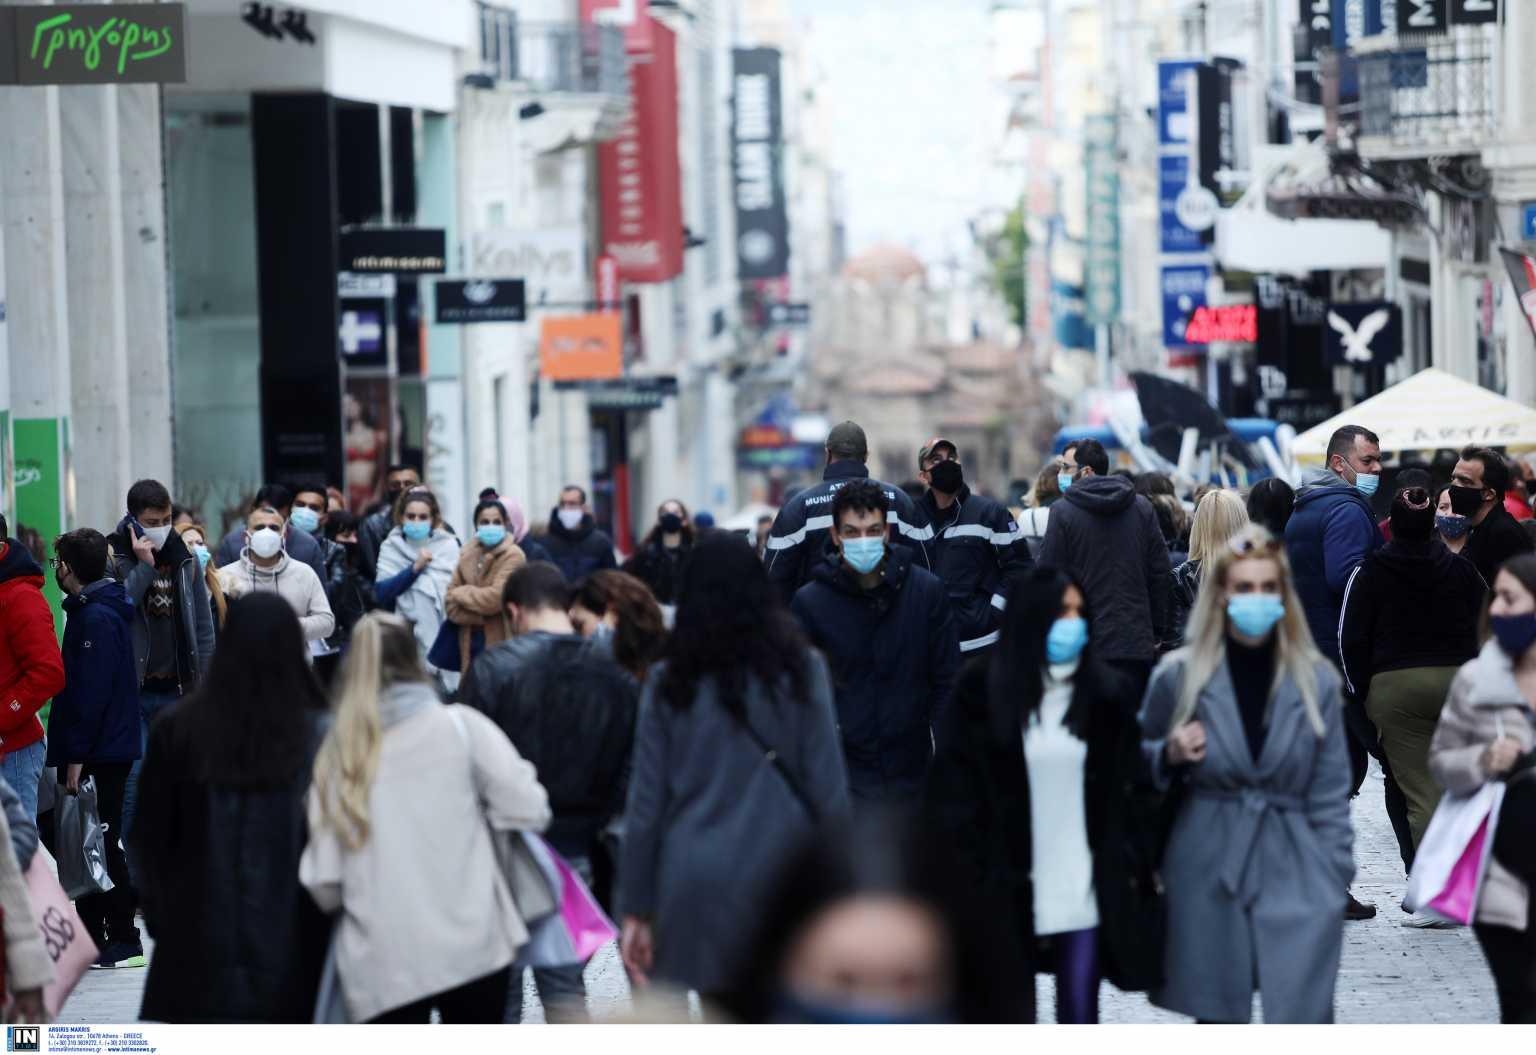 Σύψας για εικόνες συνωστισμού στα μαγαζιά: «Παίζουμε με τη φωτιά – Θα γίνουμε Λονδίνο»